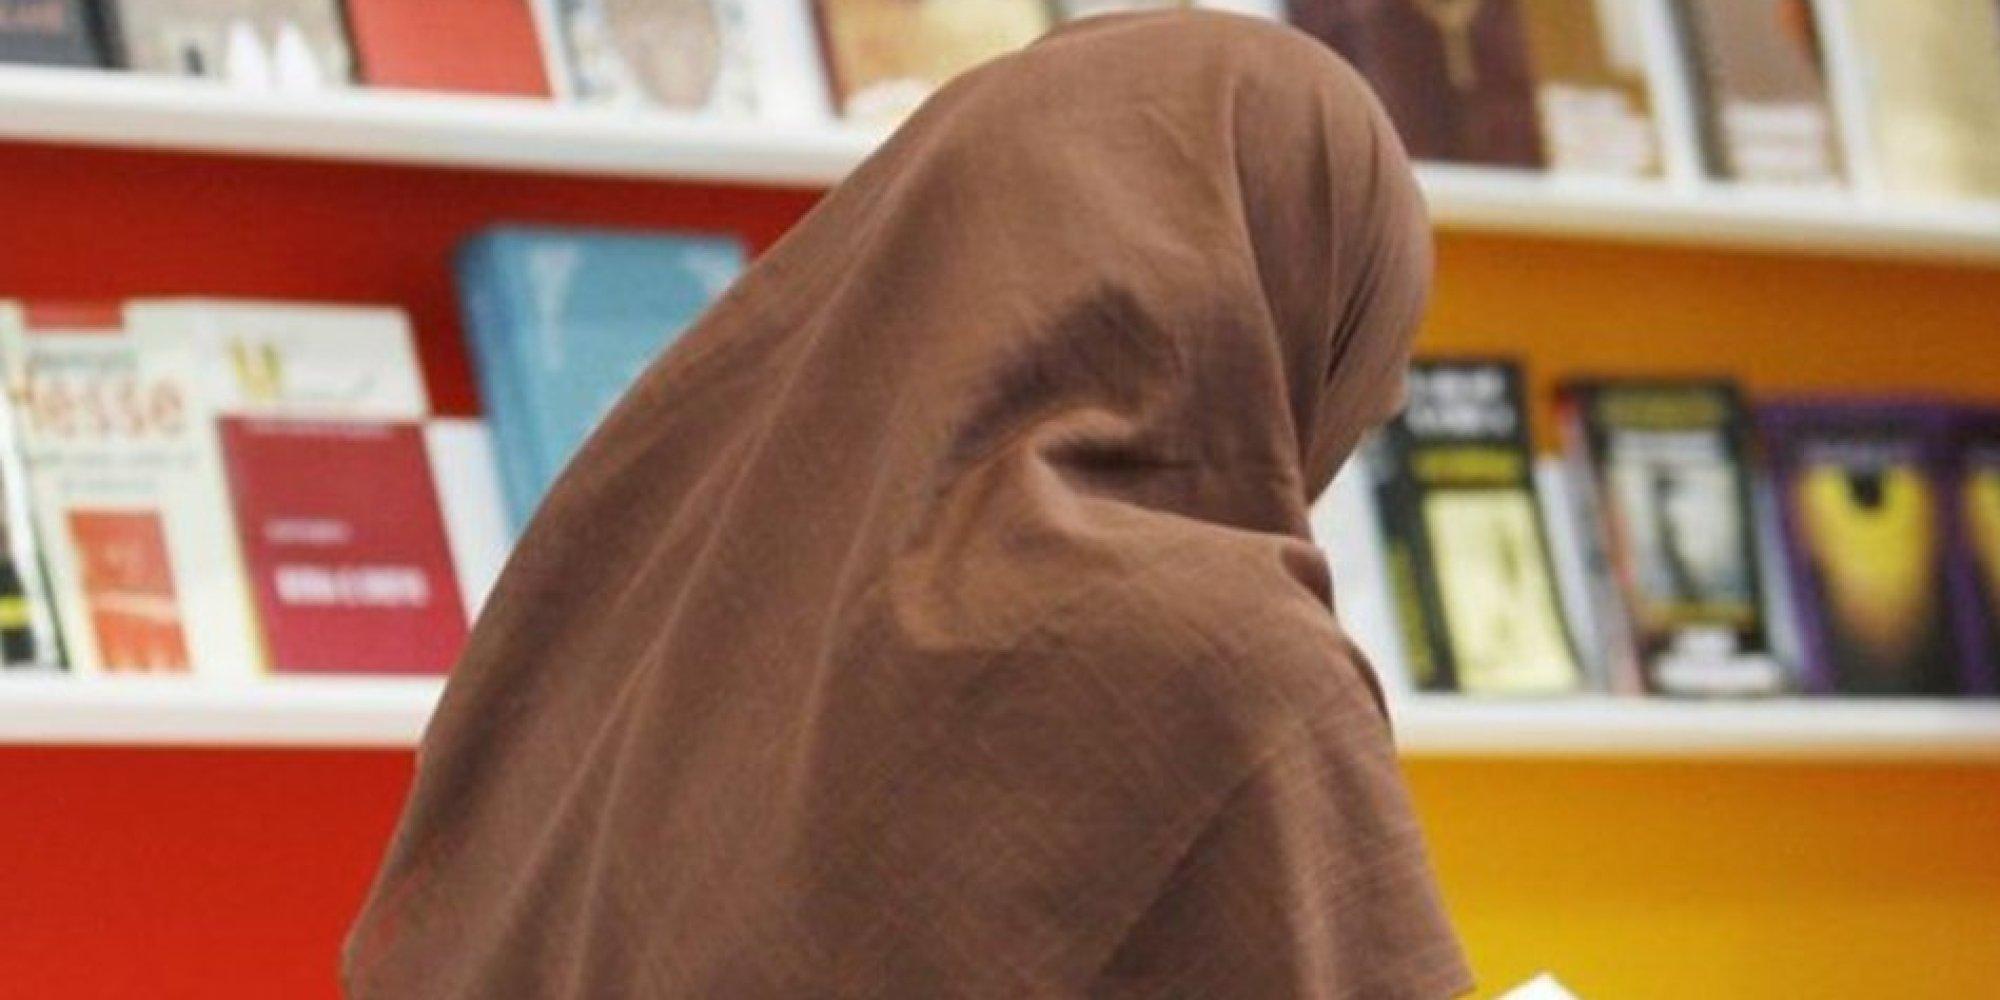 برلين تلزم نفسها بتعويض مسلمة رفضت توظيفها بسبب الحجاب.. ليست وحدها التي لجأت للقضاء